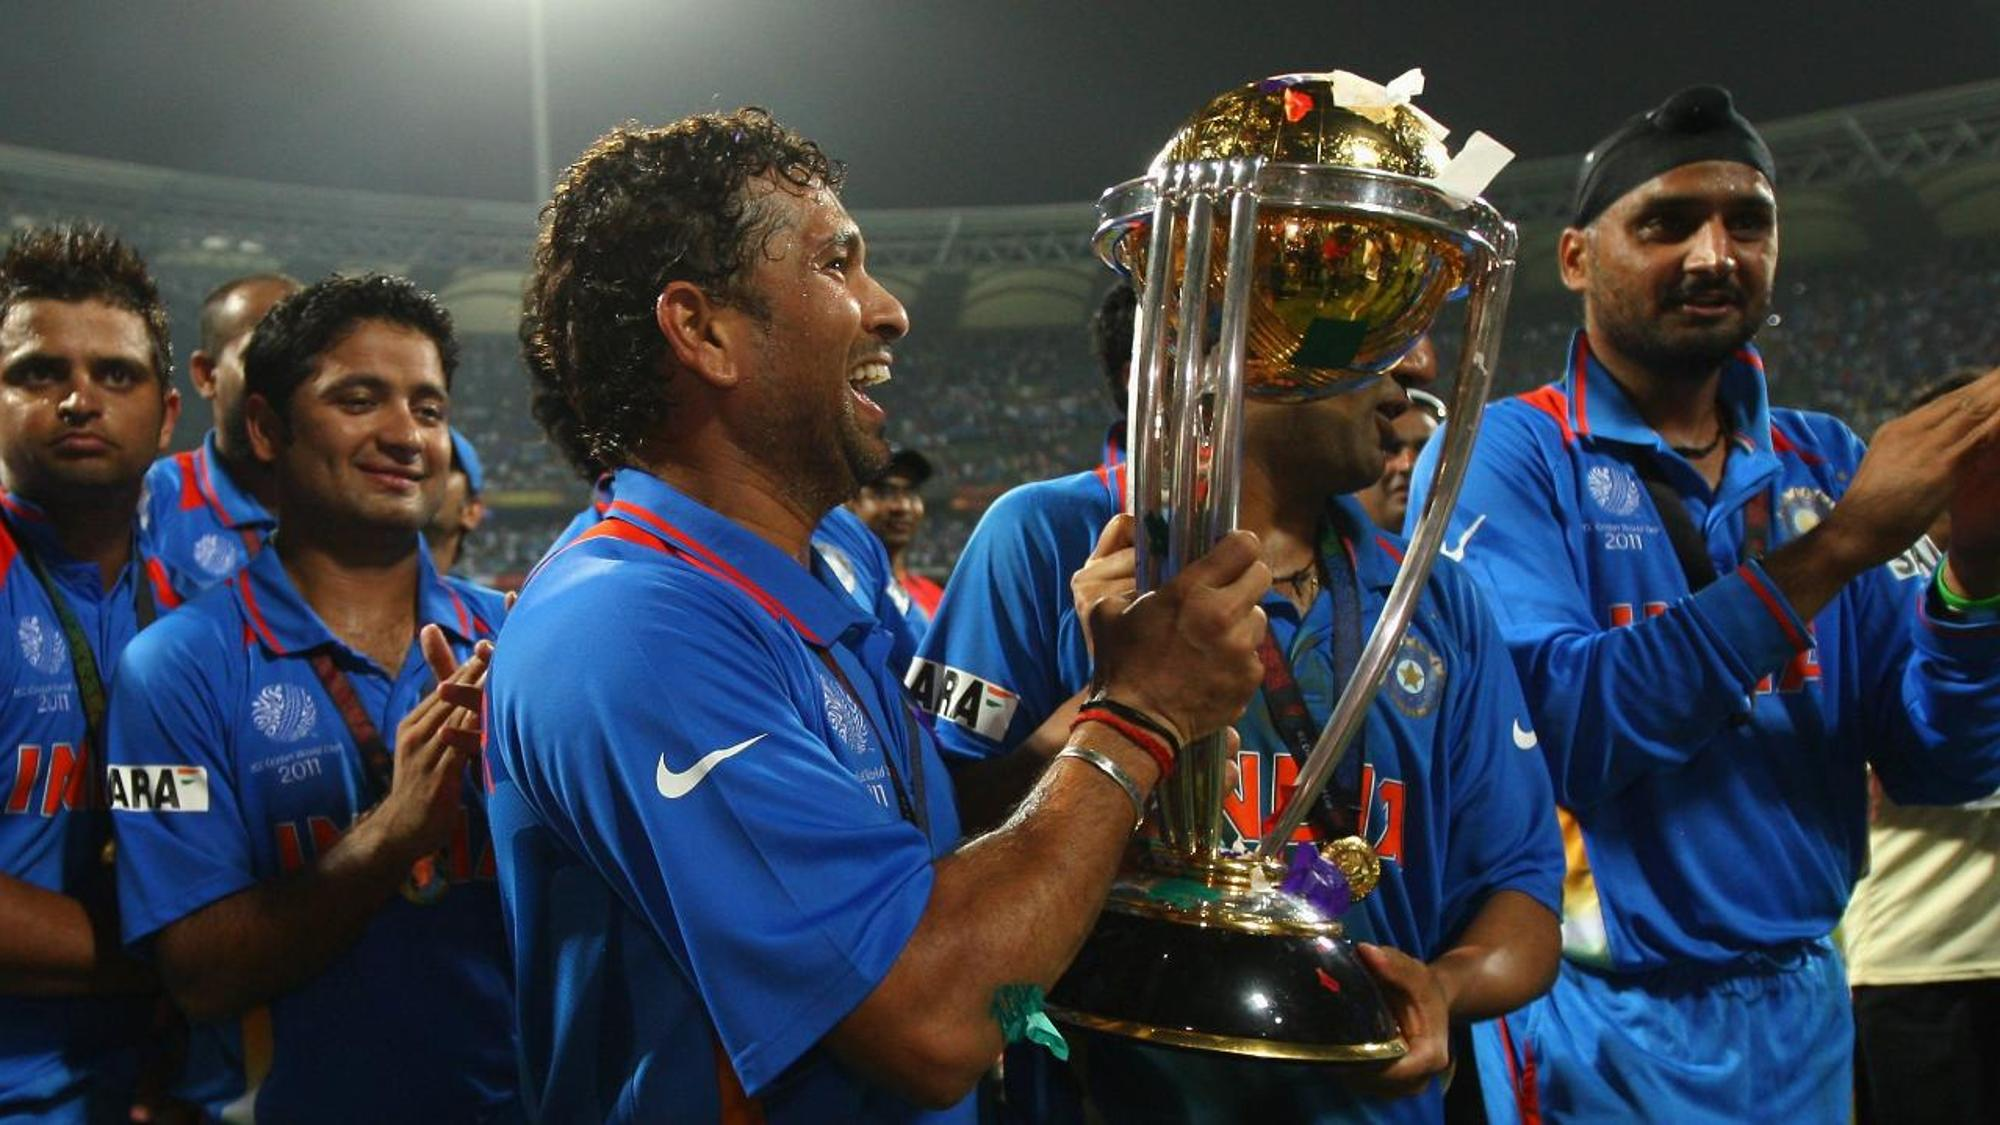 Sachin Tendulkar reflects on 2011 CWC glory